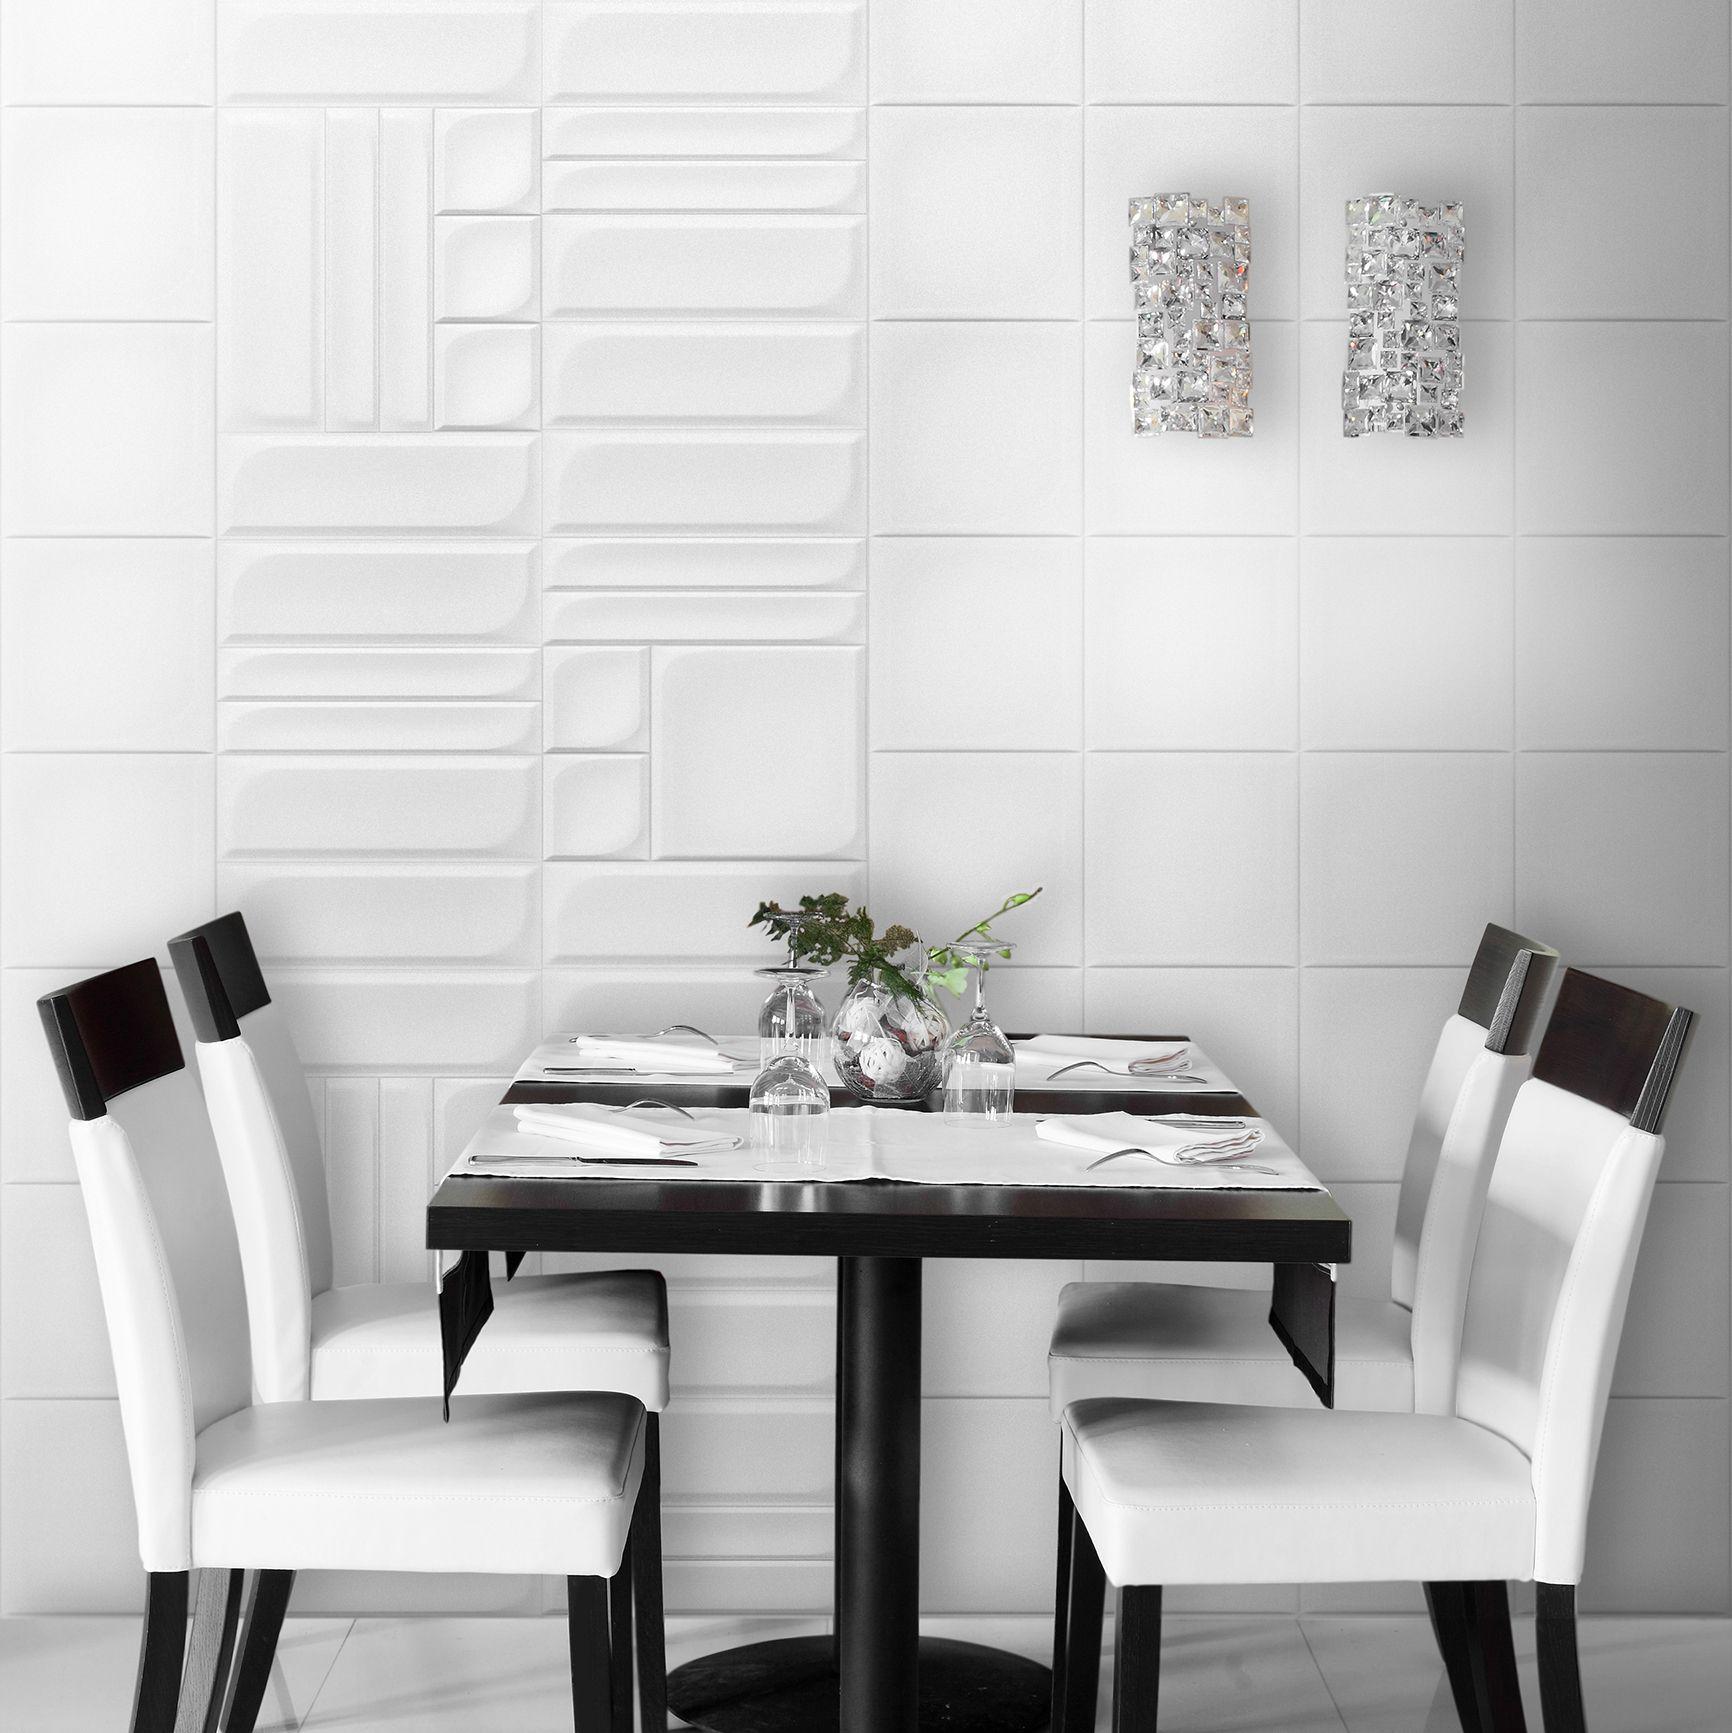 Ambient Ceramic Relief Modular In Colours White Ambiente Con Relieve Ceramico Modular En Colores Blanco Imagenes De Ambiente Disenos De Unas Diseno De Modas